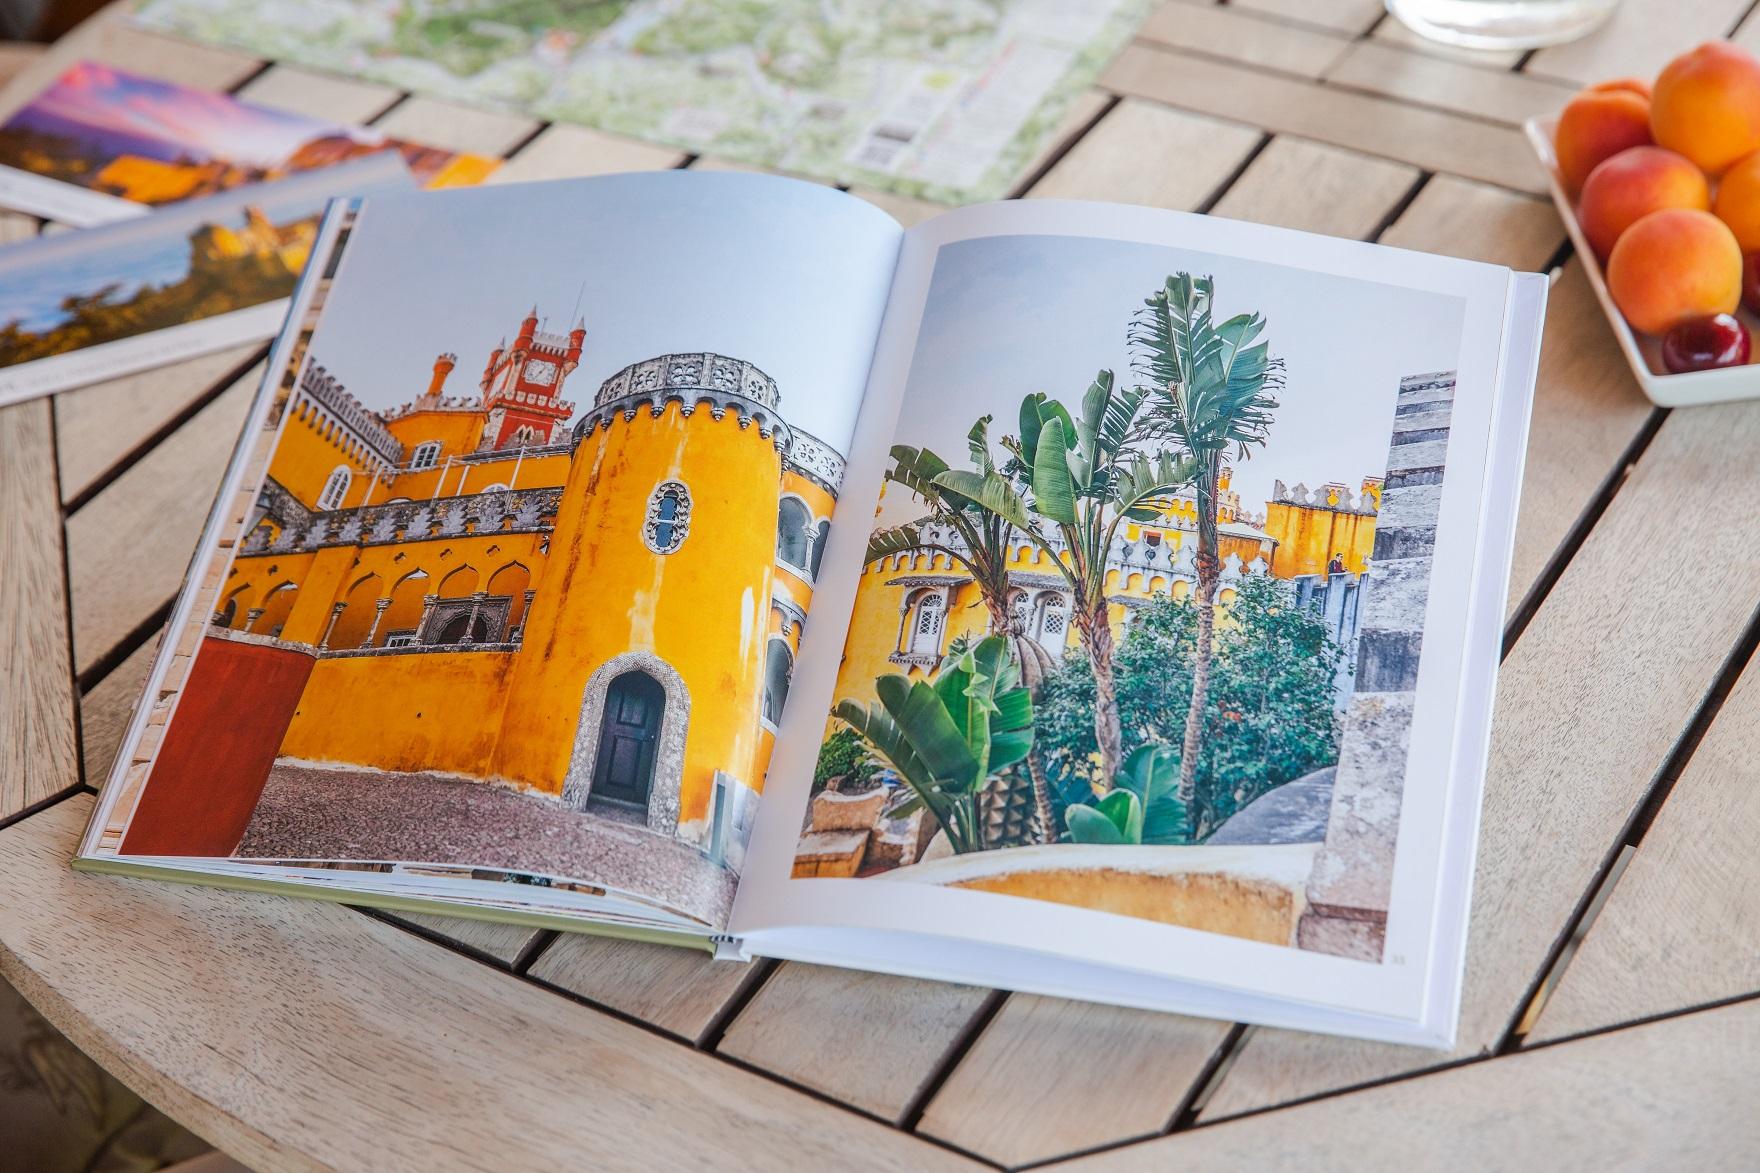 Bontia_Urlaubstfotobücher (8).jpg